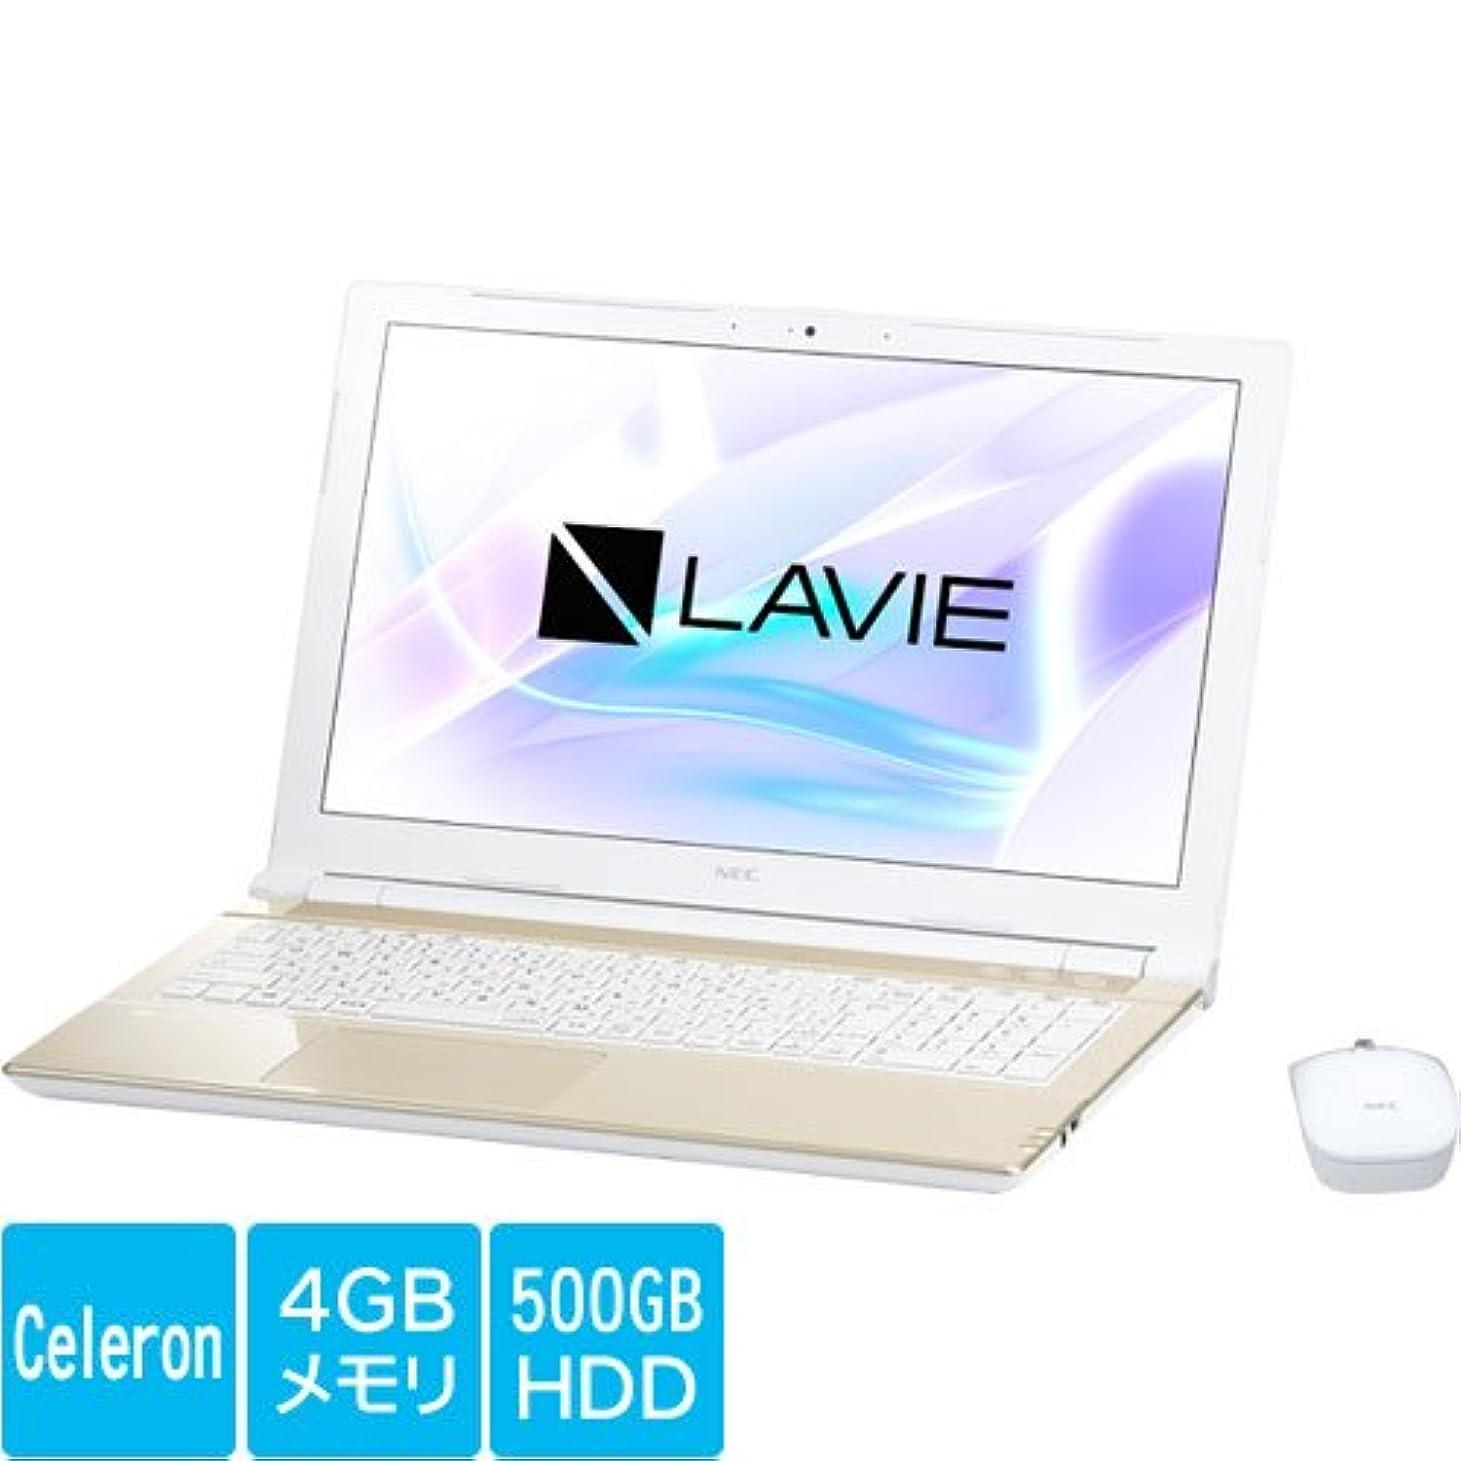 震えタイトクルーズPC-SN18CRSAB-1 [LAVIE Smart NS(B)(Cel 4GB 500GB DSM 15.6 ゴールド)]